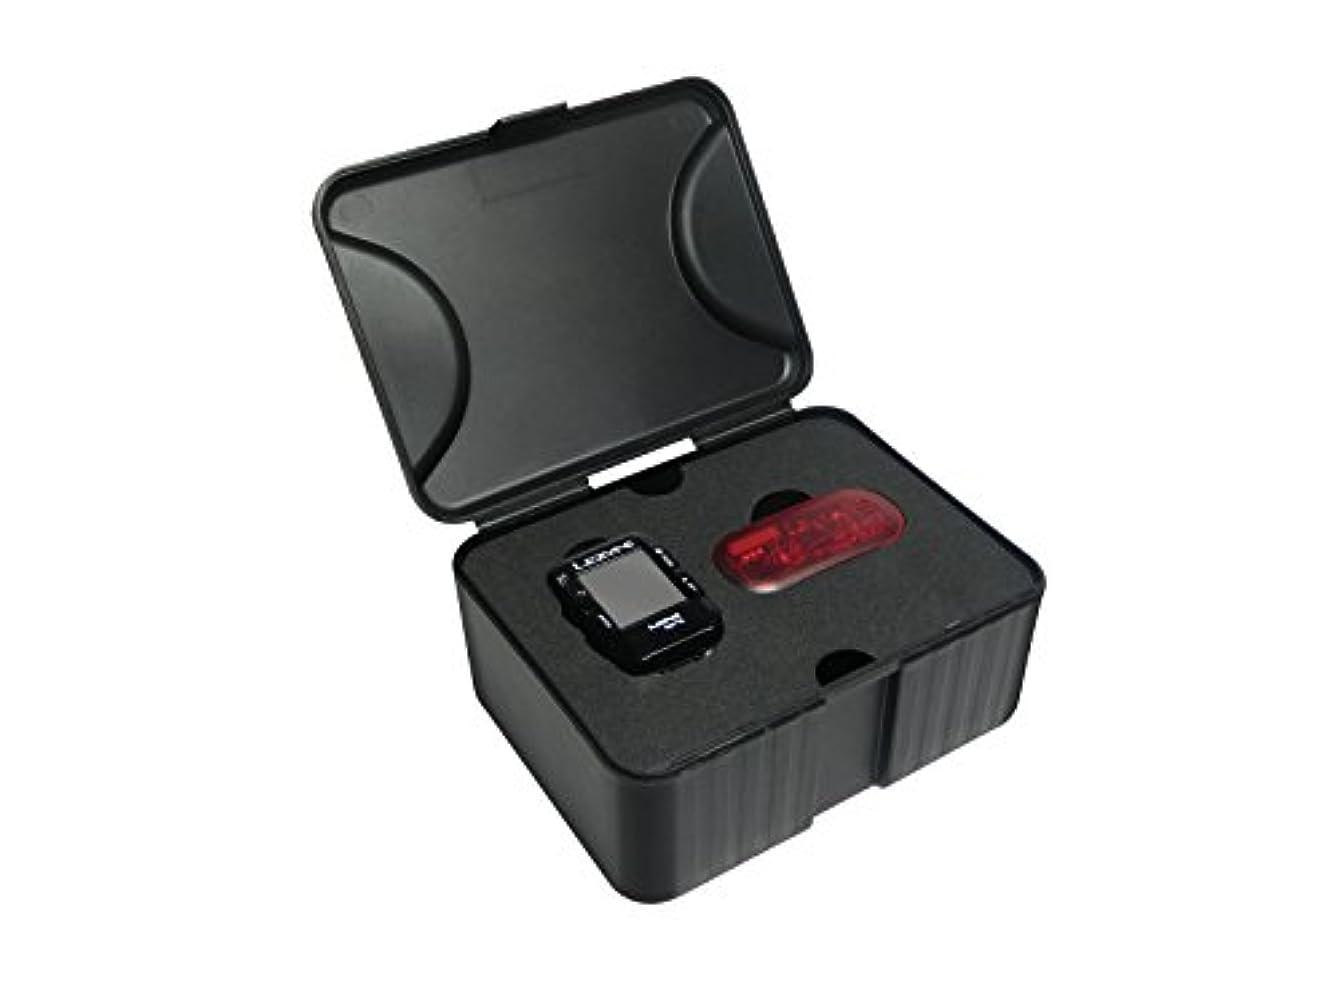 ストライク贈り物プレートLezyne Mini GPSサイクリングコンピュータW/ハートレート